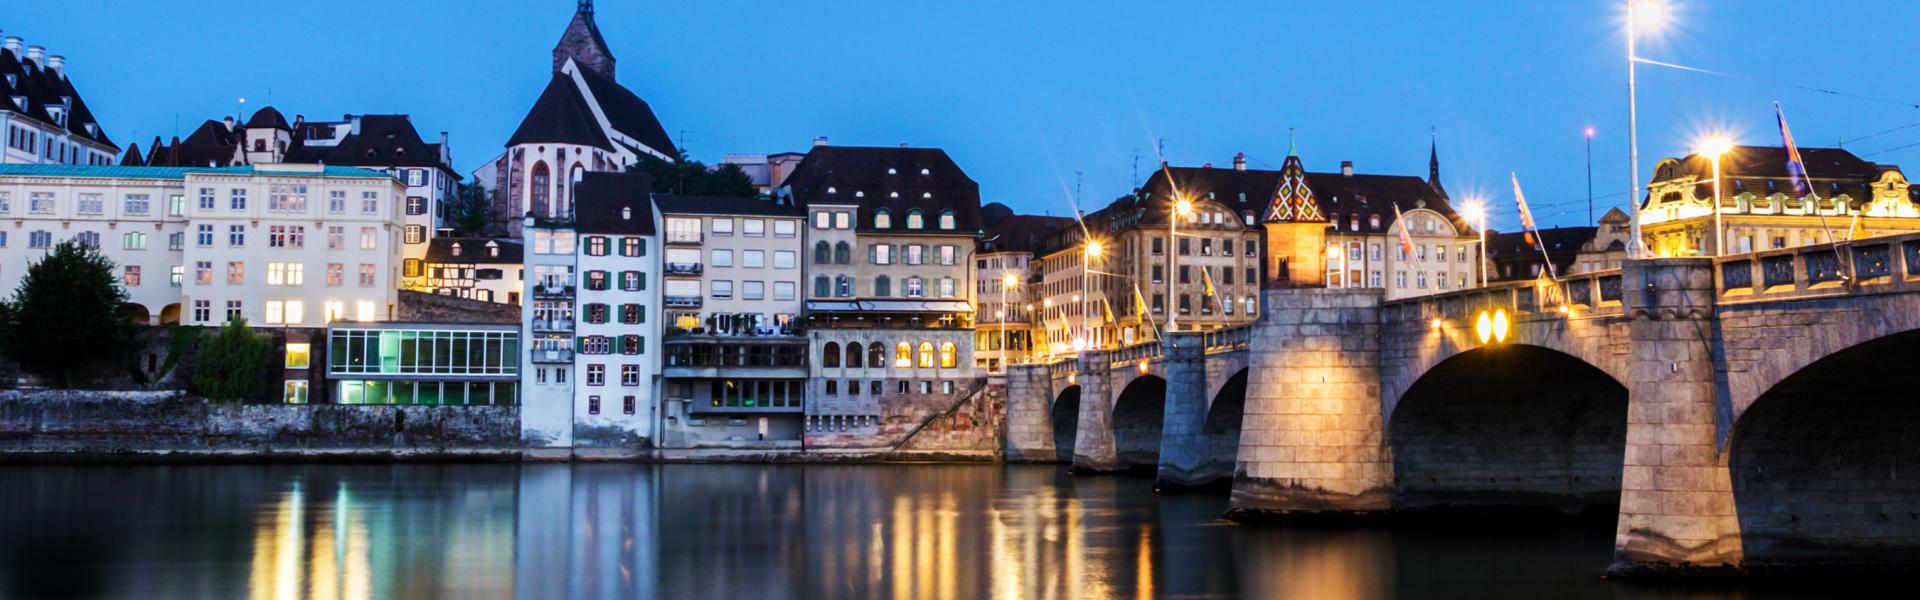 Flug Hamburg Basel Fluge Von Hamburg Ham Nach Basel Bsl Gunstig